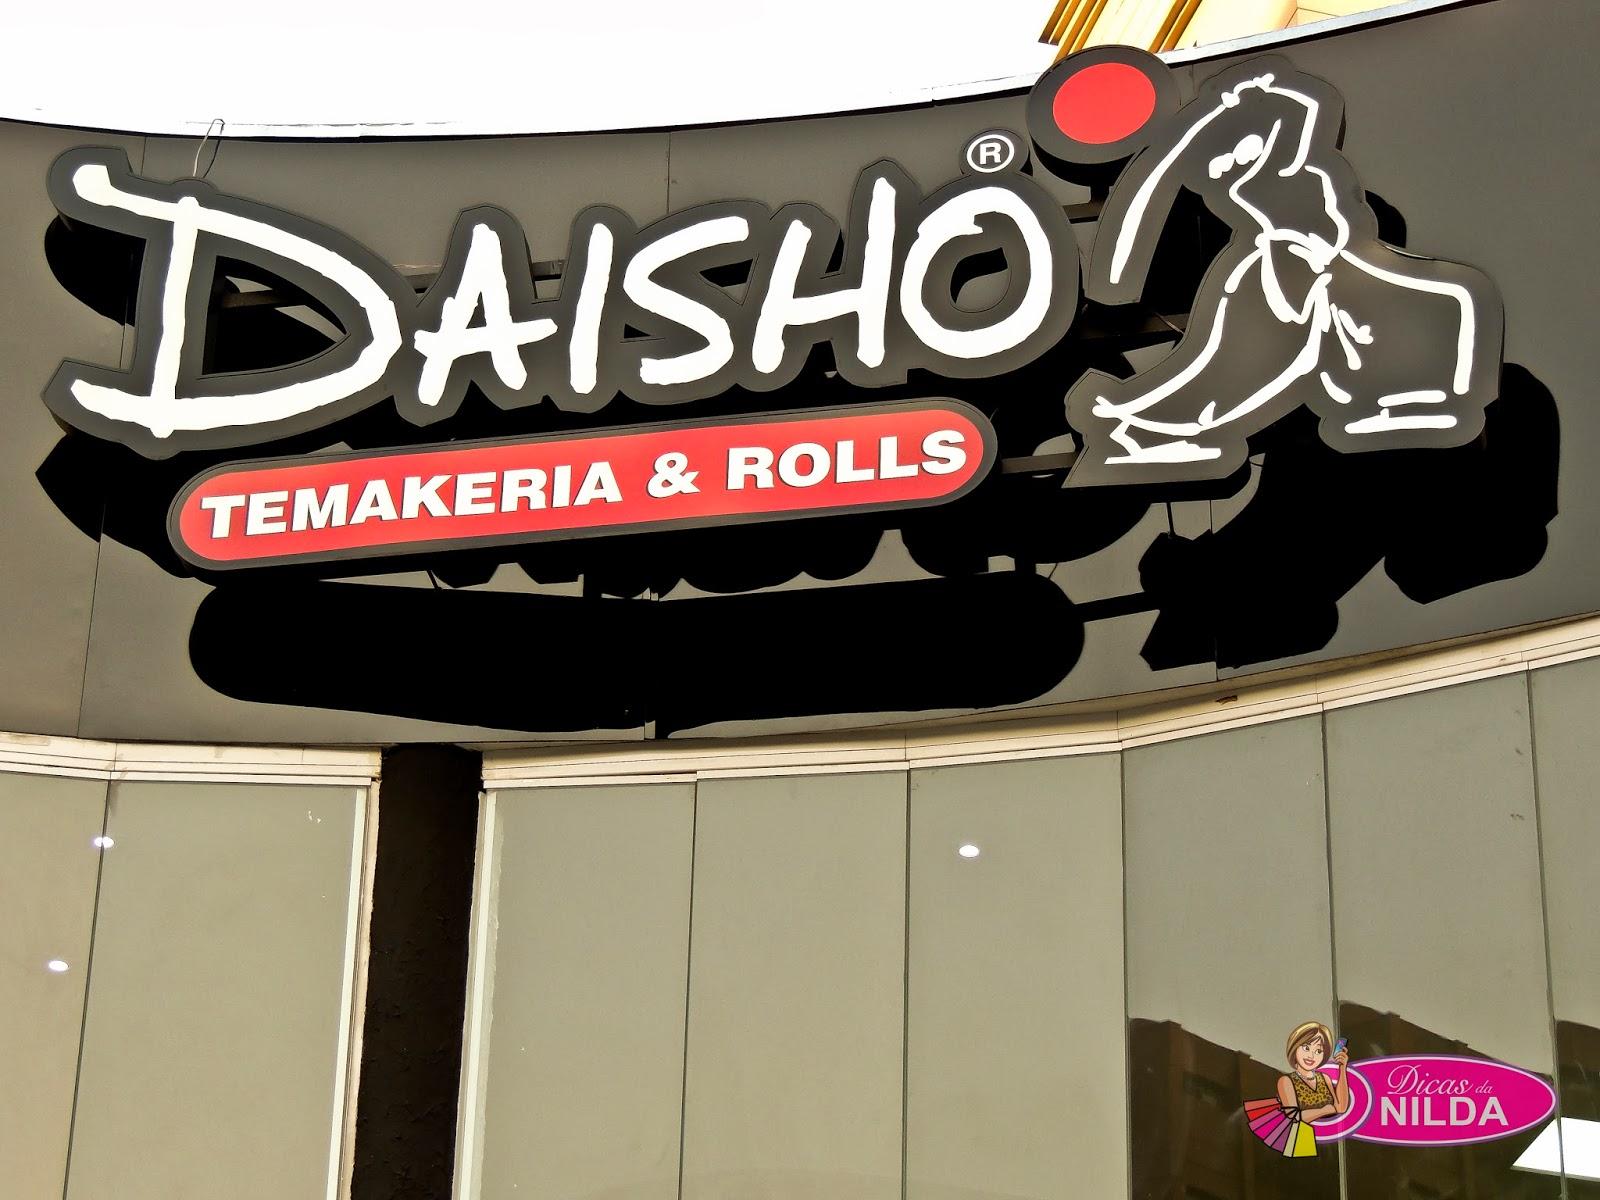 16cf88455 Dicas da Nilda: EVENTO: Inauguração do Daisho Temakeria & Rolls em ...